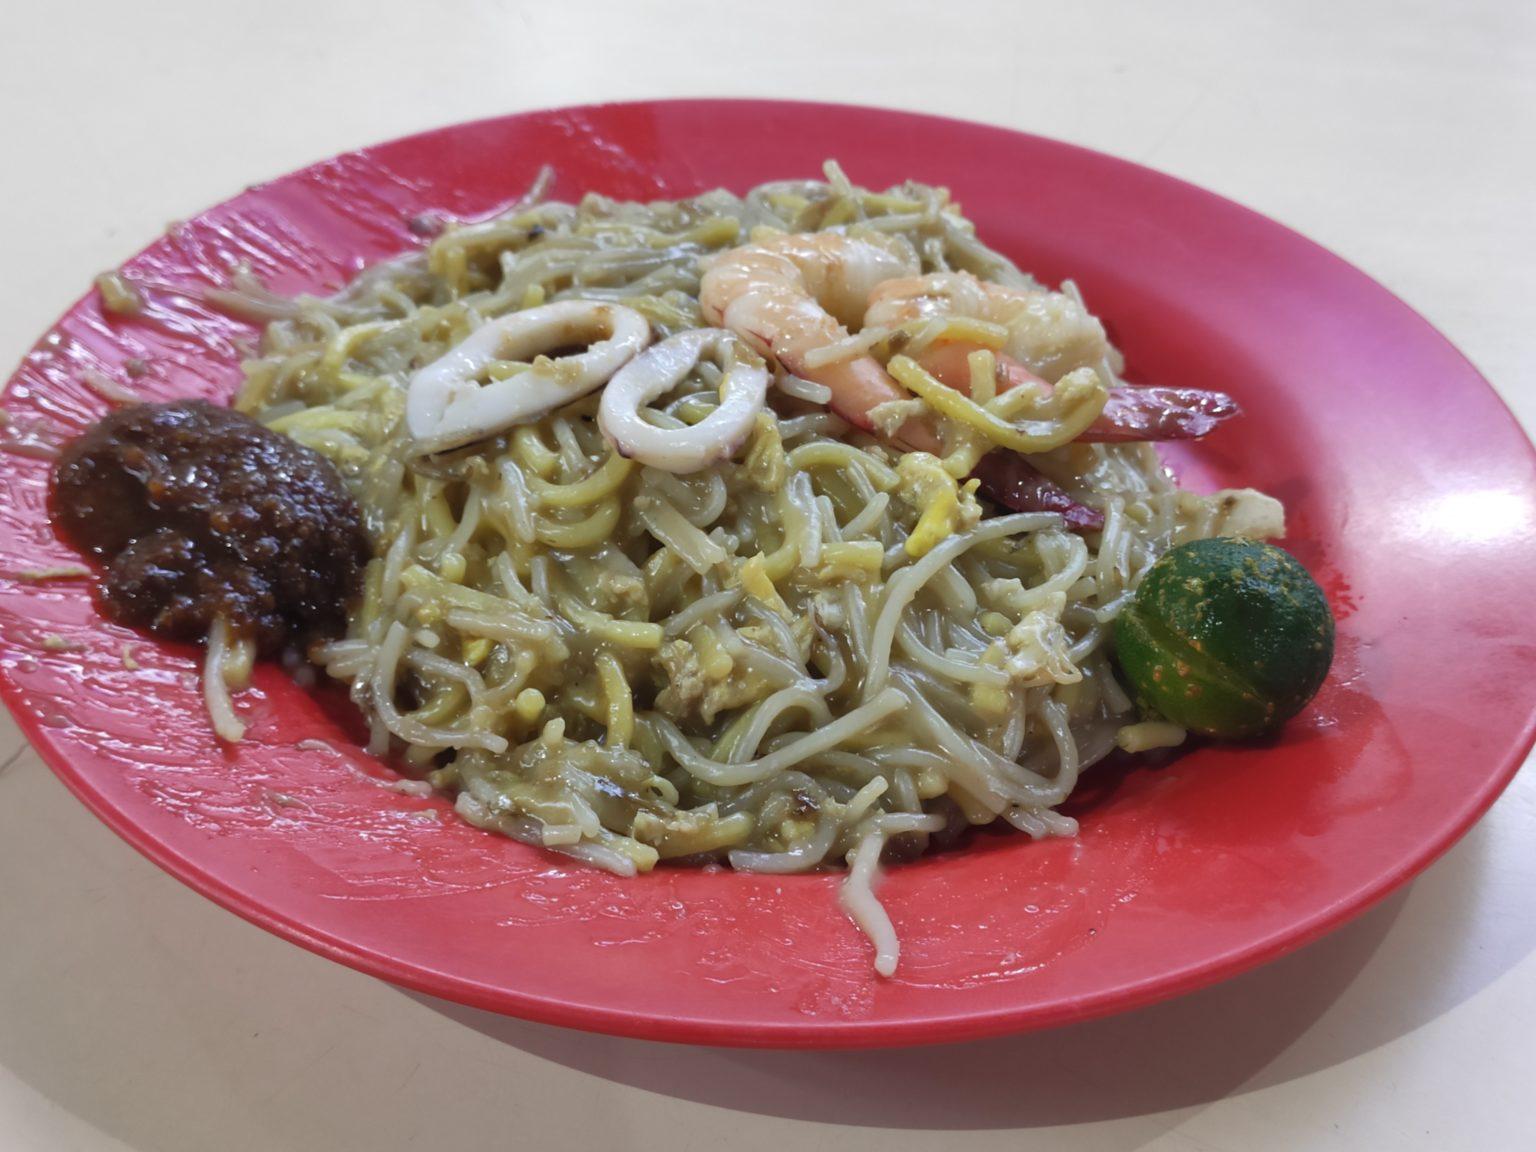 Review: Yong Heng Fried Hokkien Prawn Mee (Singapore)